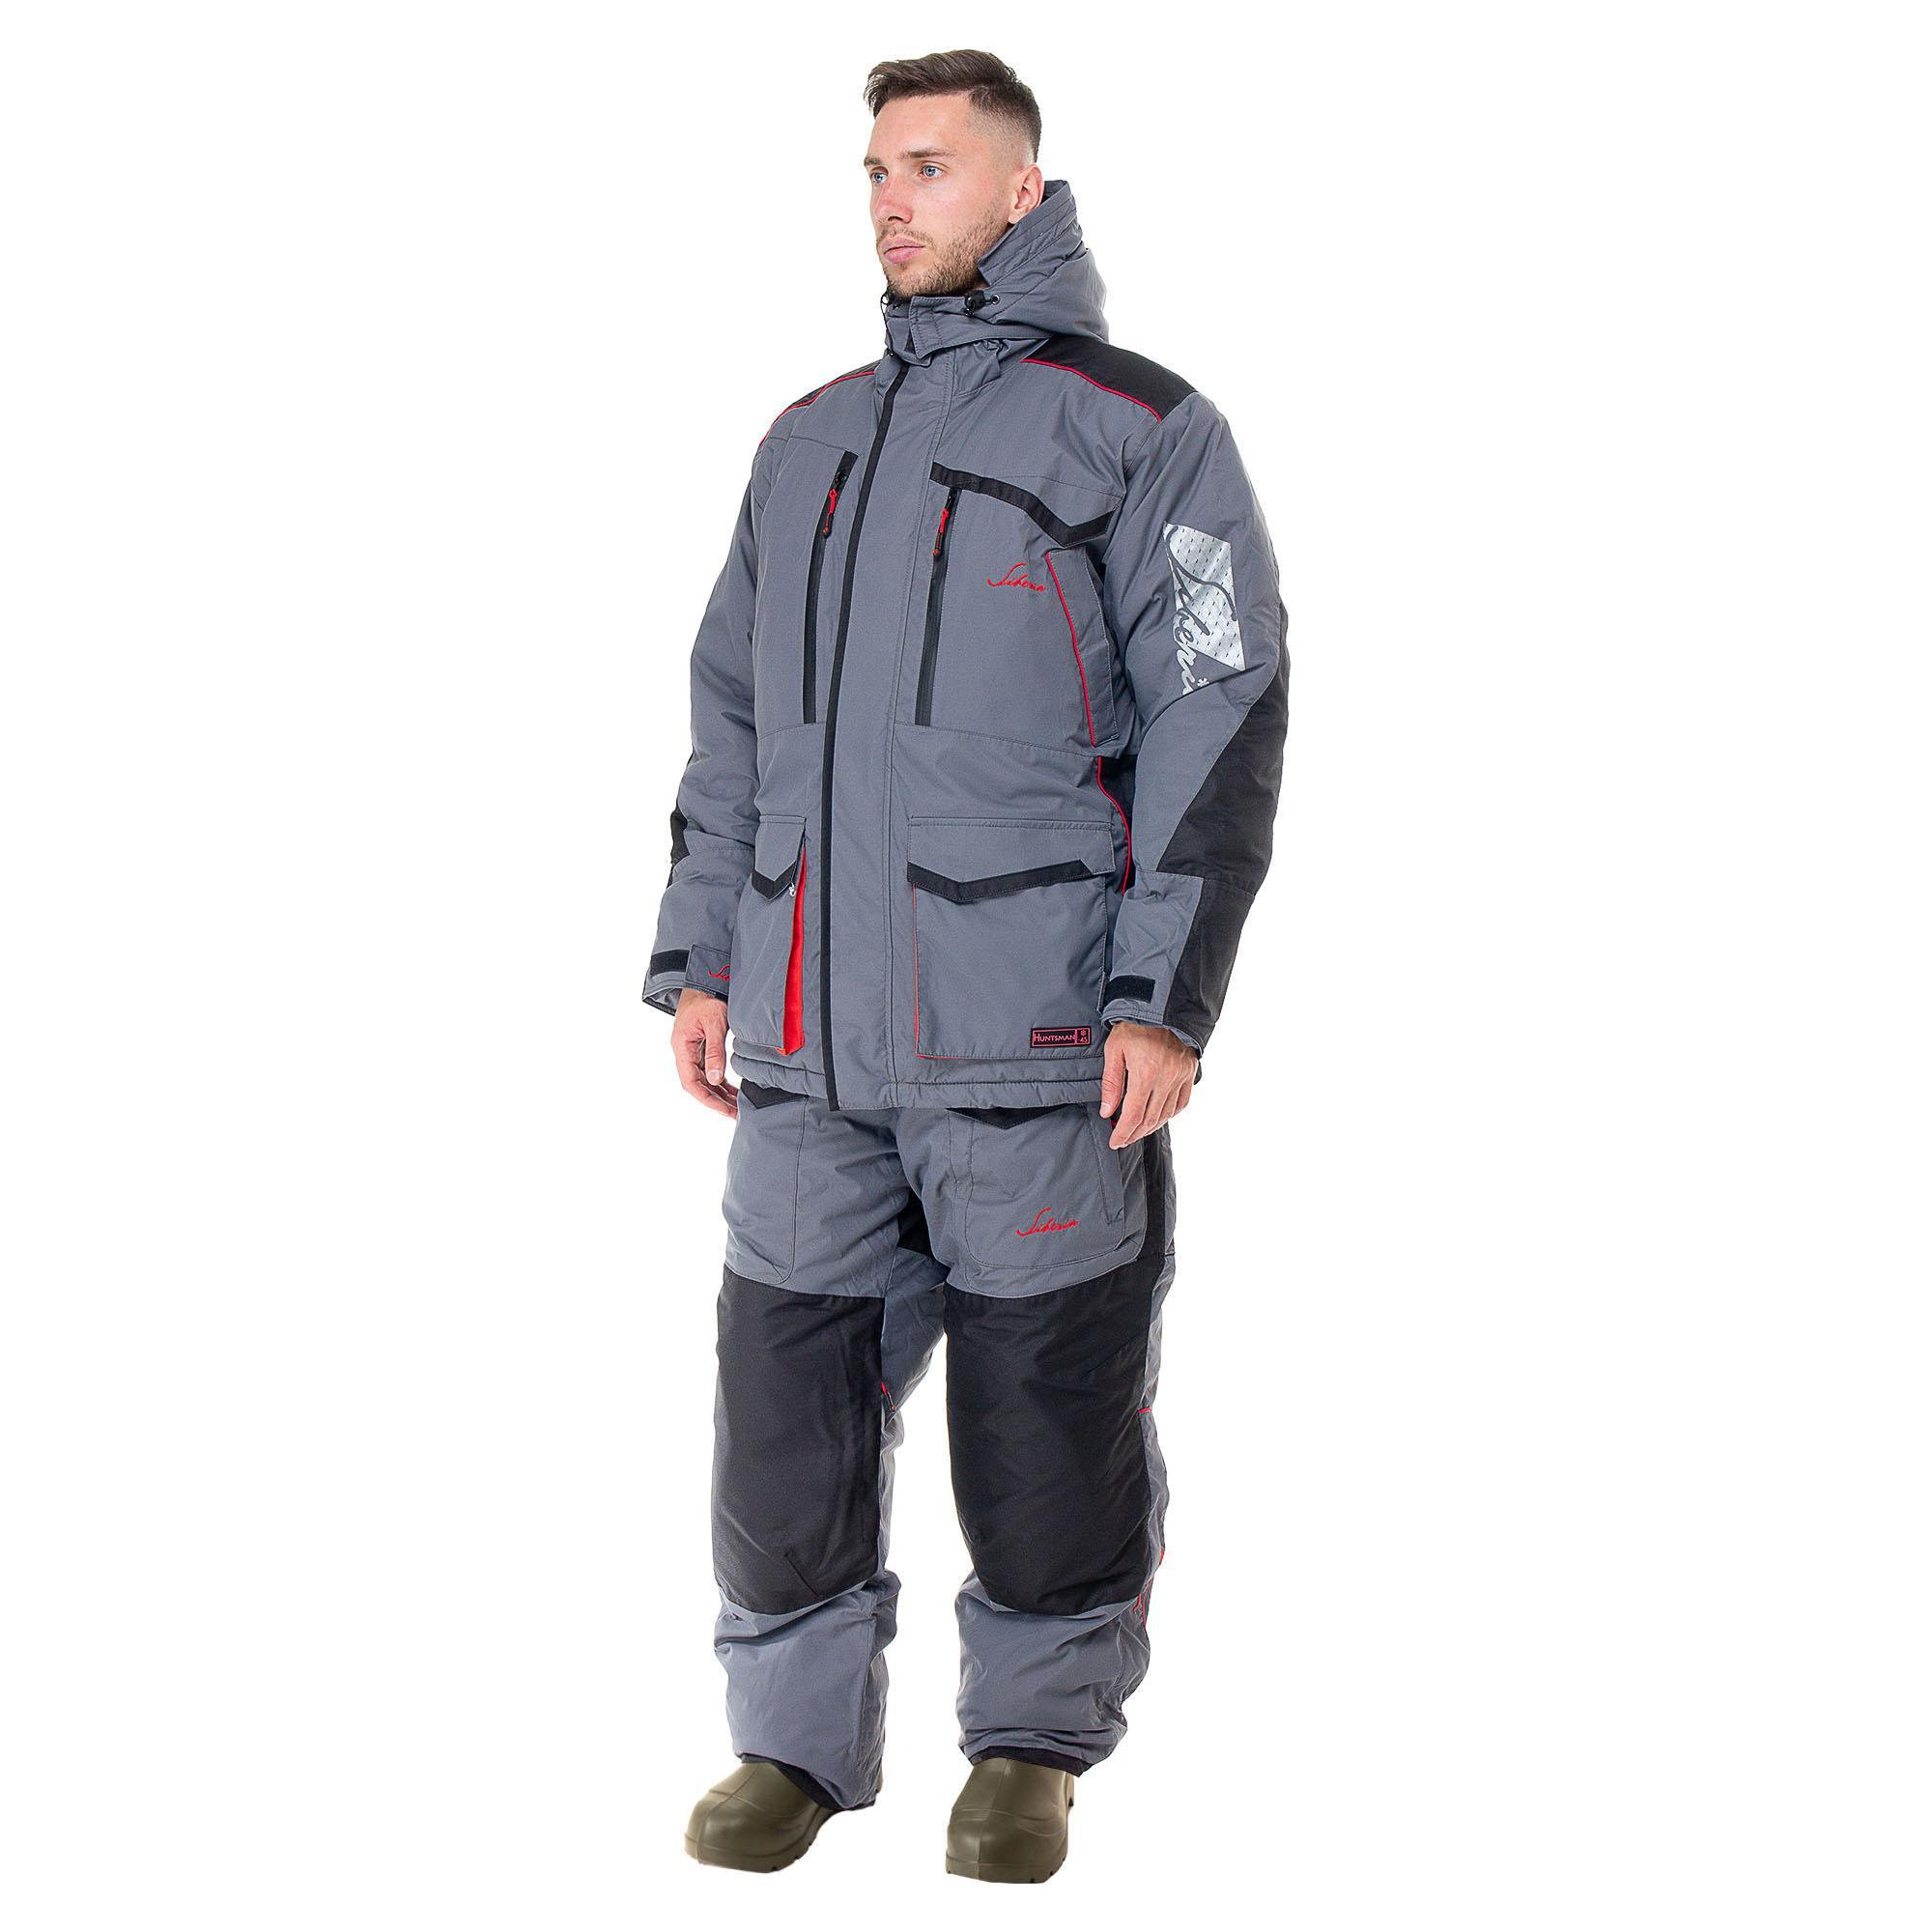 Лучший костюм для рыбалки зимой